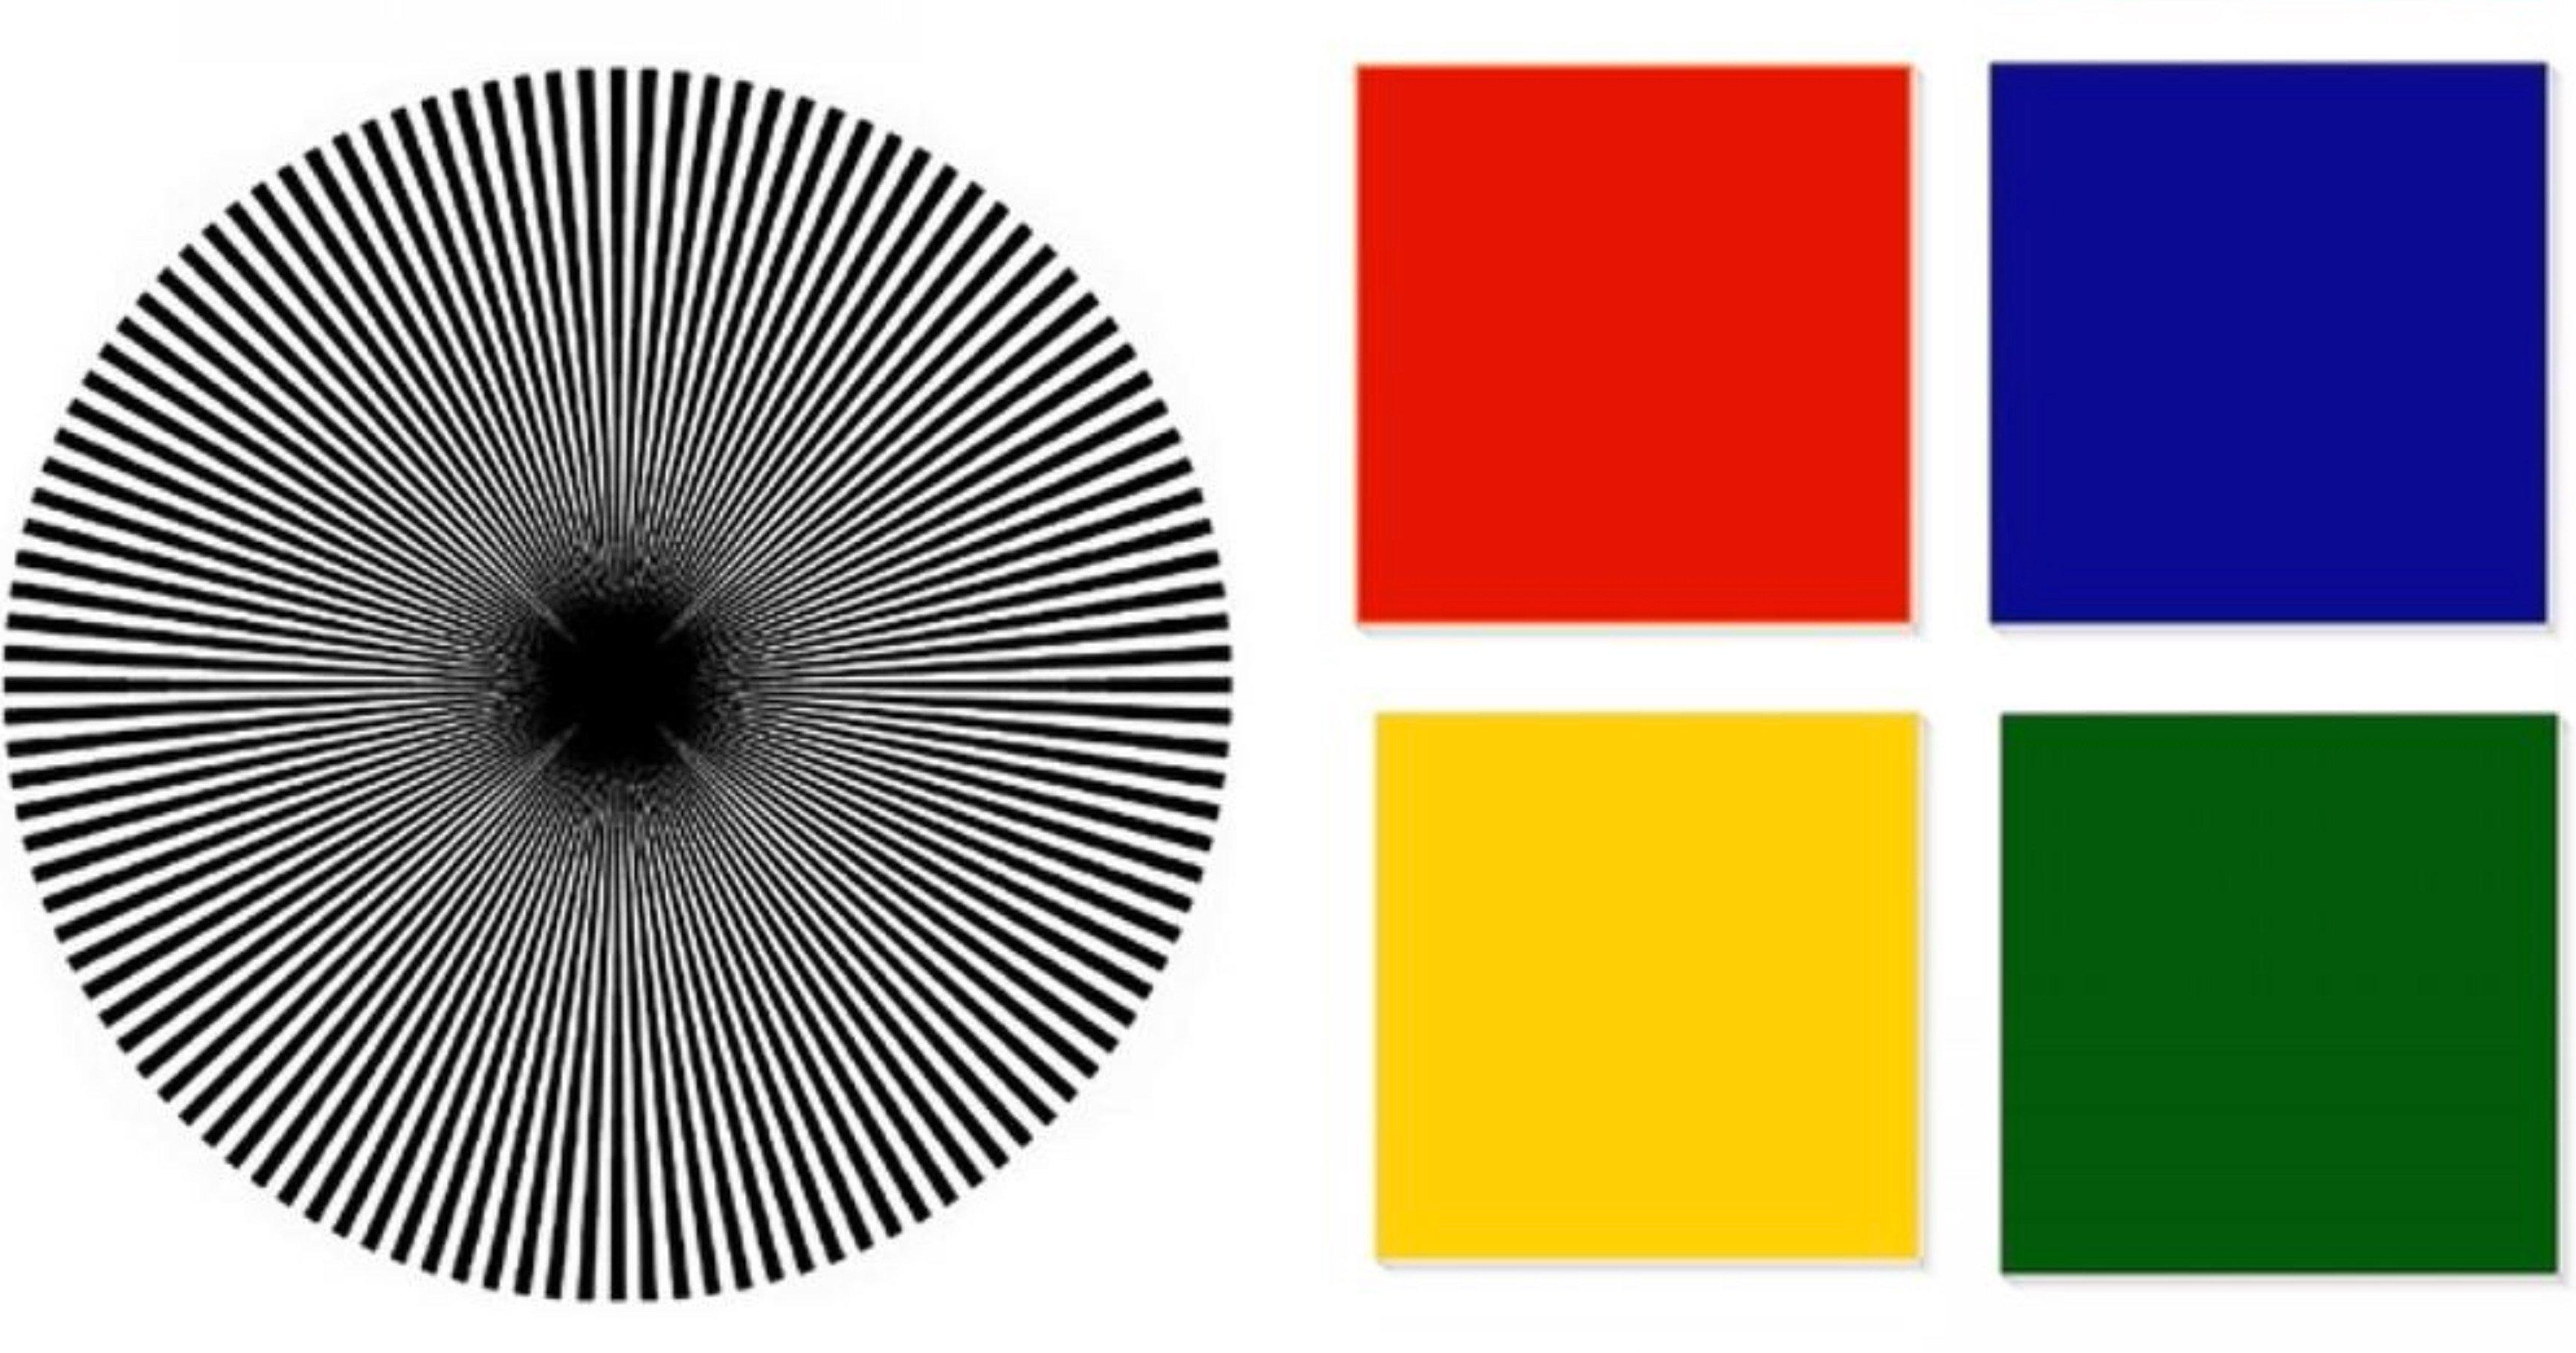 """a07acacc 79ed 4a4e a881 b6a1f01dbdb9.jpeg?resize=1200,630 - """"내 두뇌 유형은?"""" 가운데 있는 원 집중해서 보면 보이는 색깔로 알 수 있는 '두뇌 유형'"""